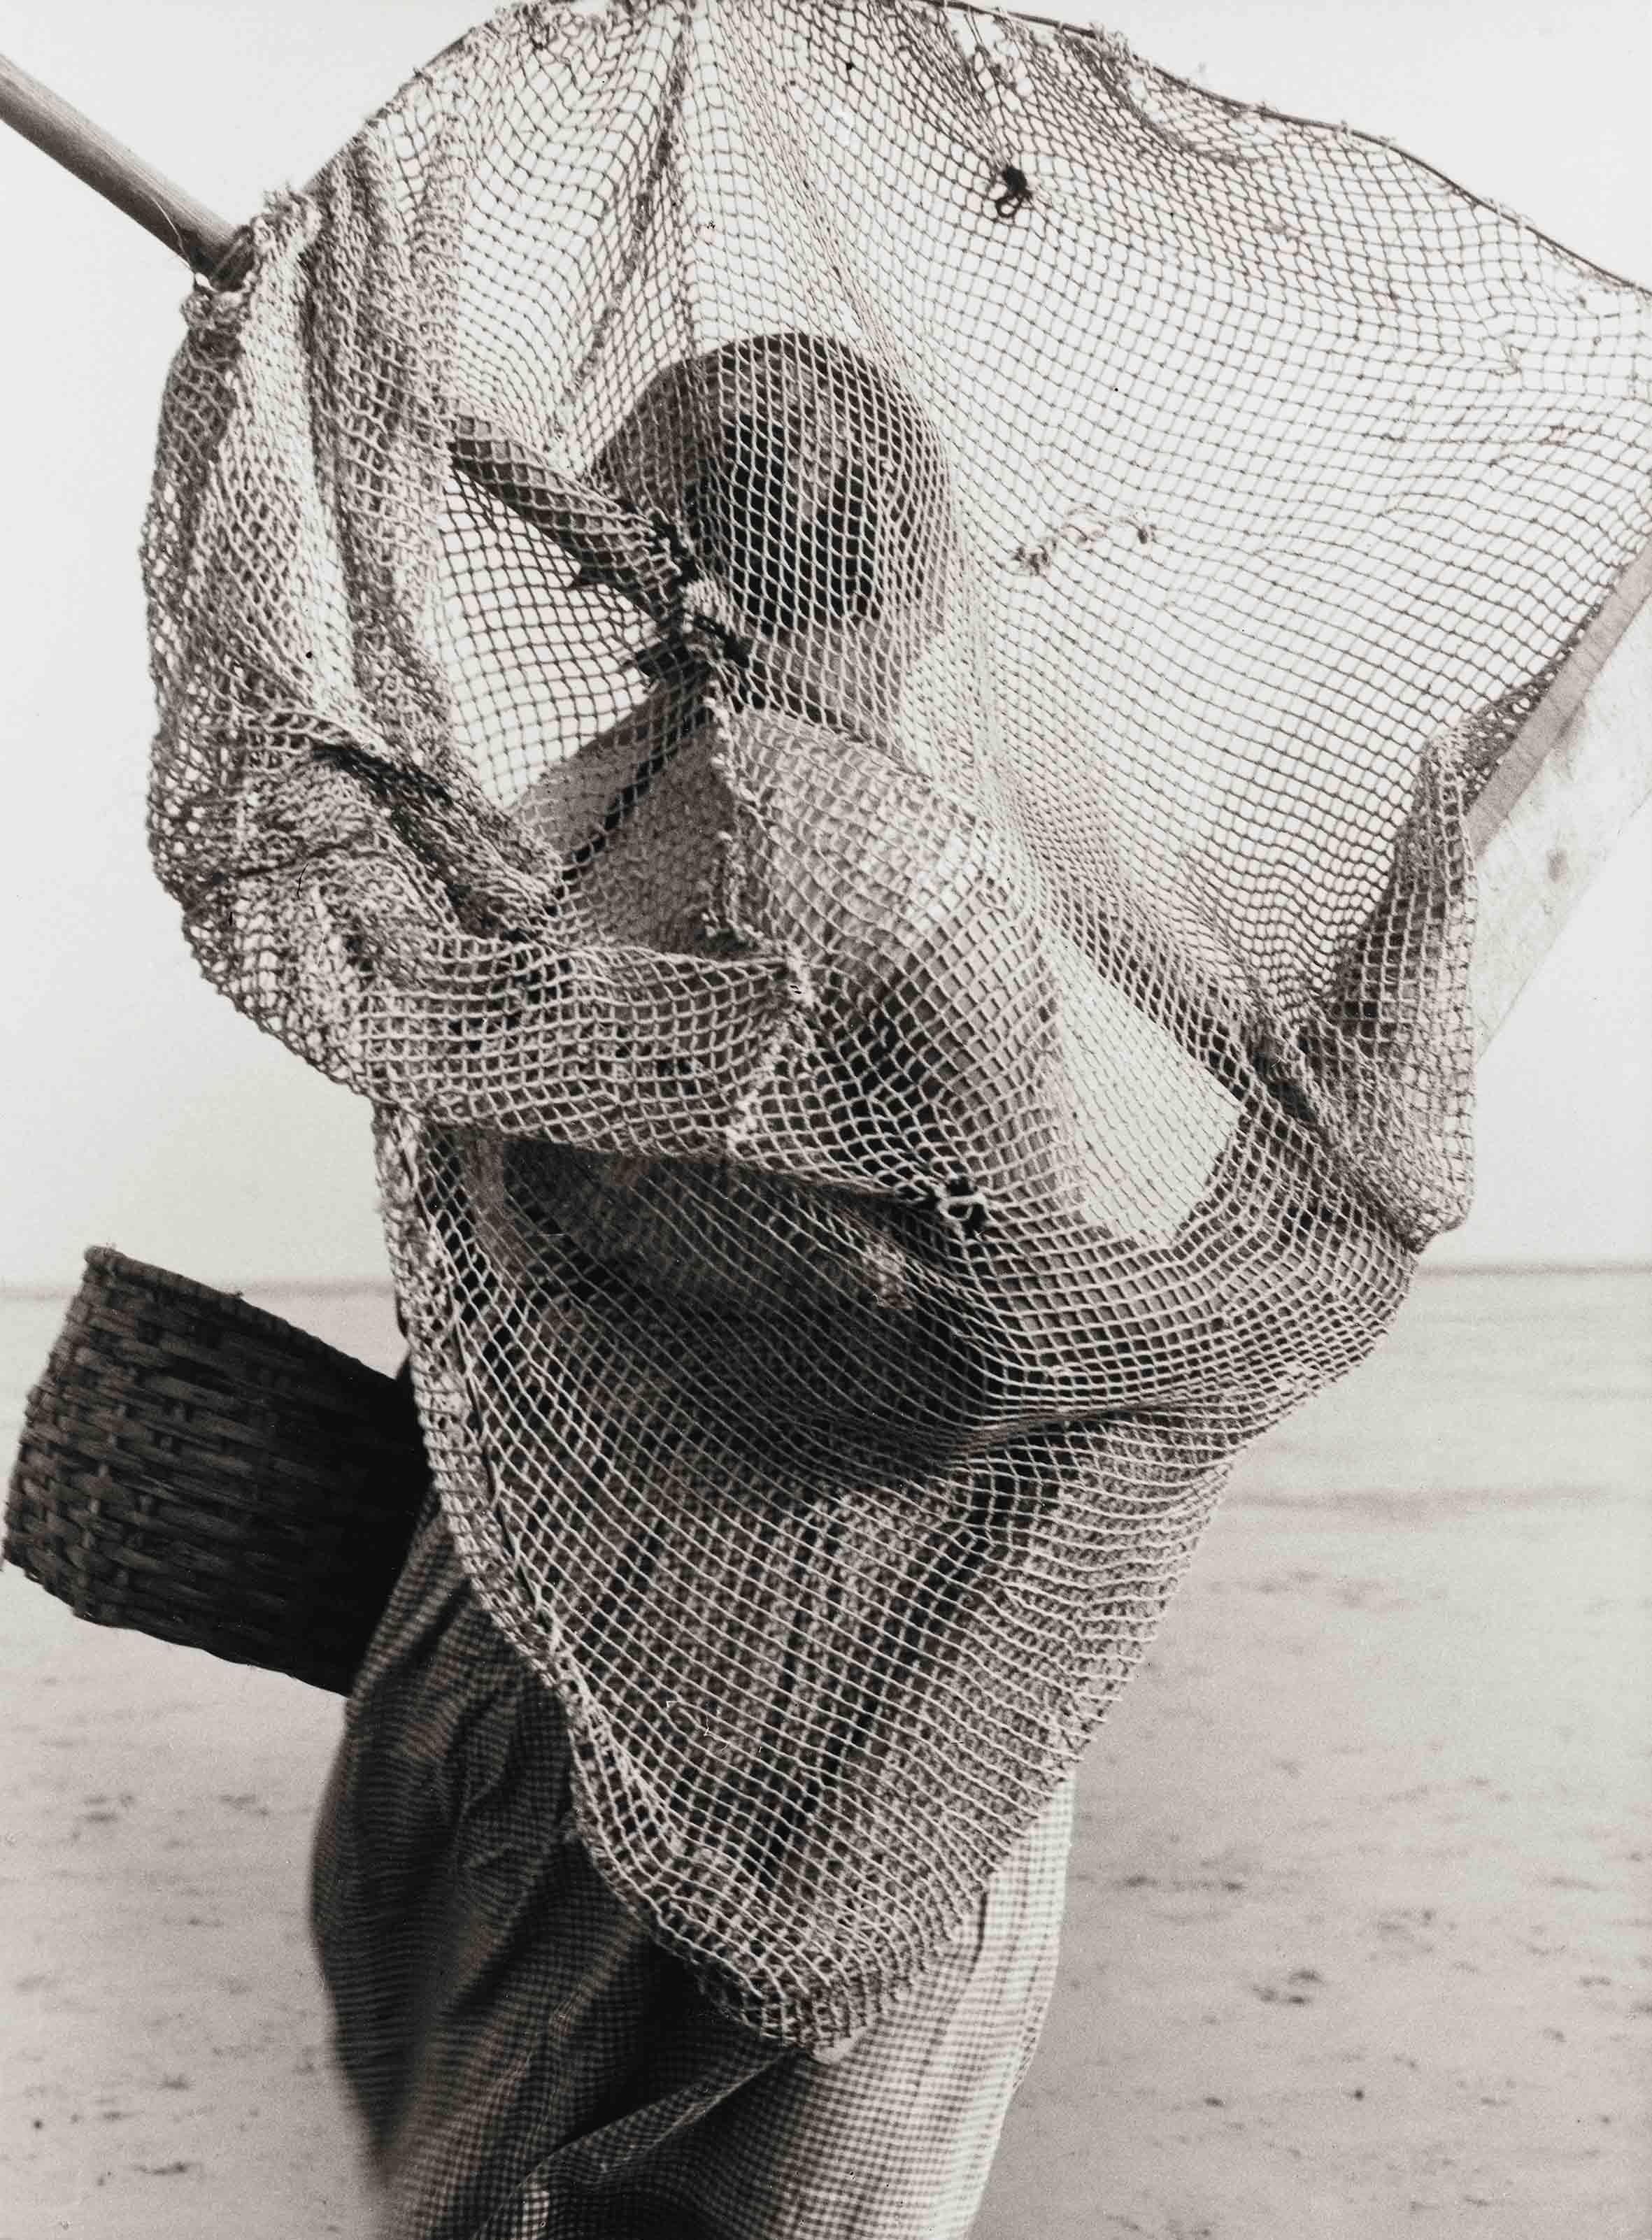 ALBERT RENGER-PATZSCH — Krabben scherin [Pêcheuse de crevettes], 1927 Centre Pompidou, Musée national d'art moderne – Centre de création industrielle, Paris. Acquisition en 1979 © Albert Renger-Patzsch / Archiv Ann und Jürgen Wilde, Zülpich / ADAGP, Paris 2017